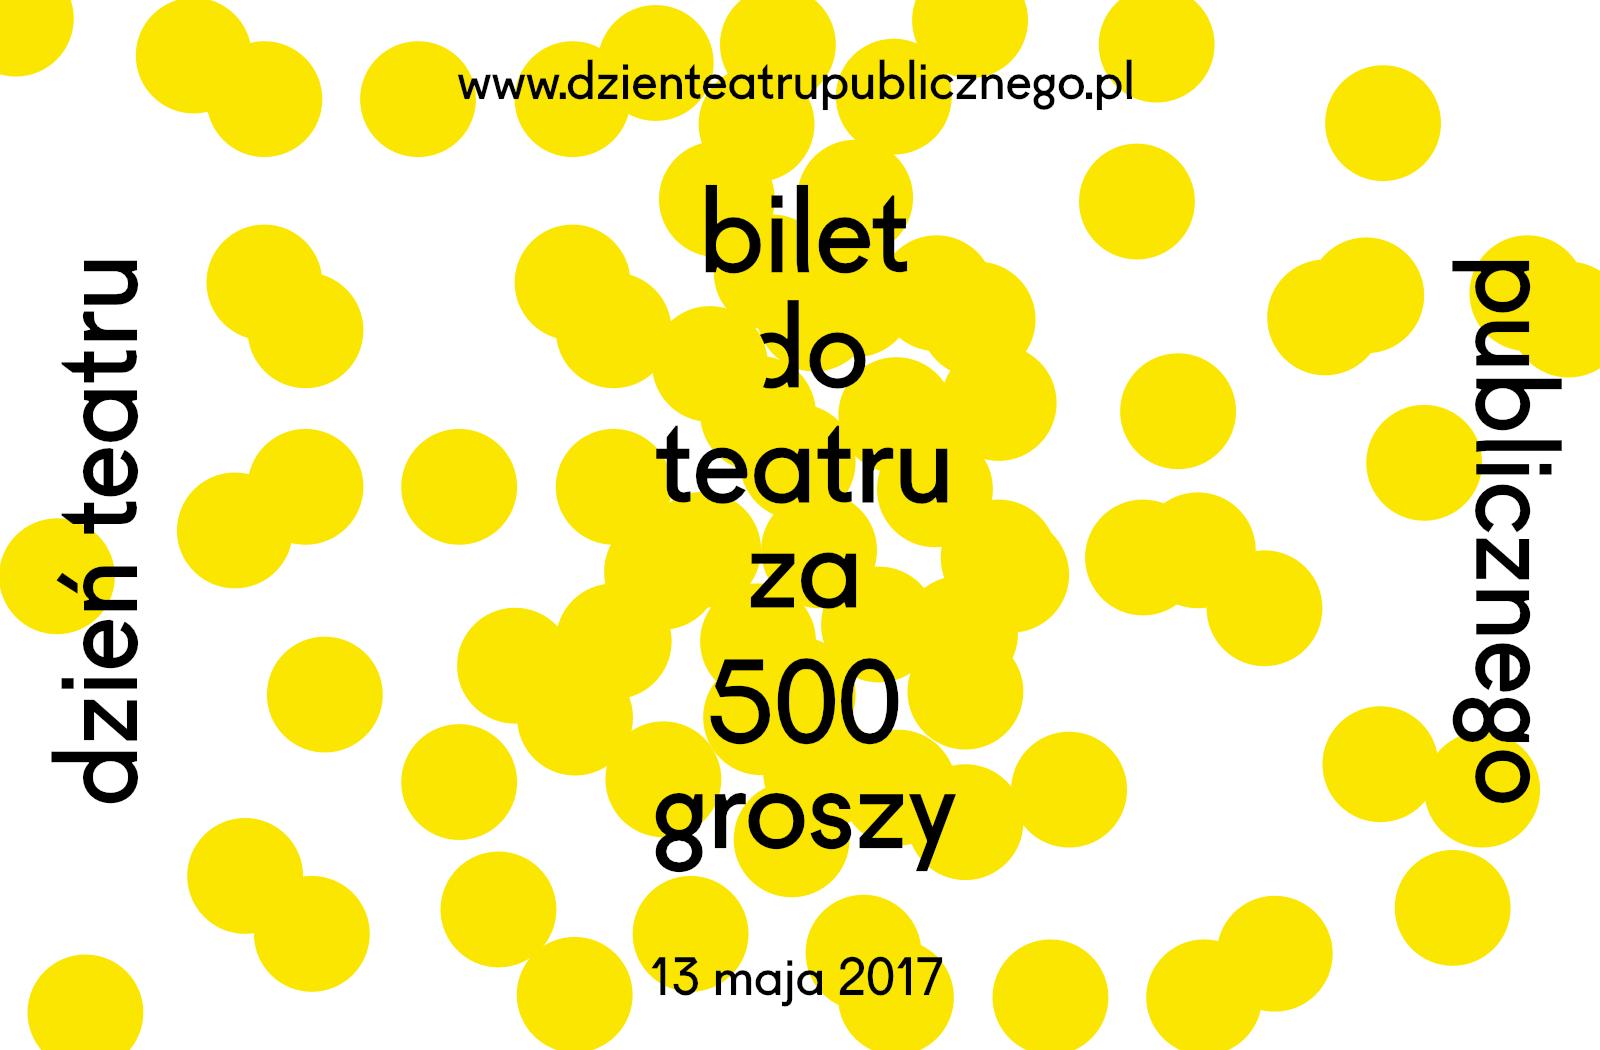 """Dzień Teatru Publicznego i akcja """"Bilet do teatru za 500 groszy"""" w kaliskim Teatrze"""